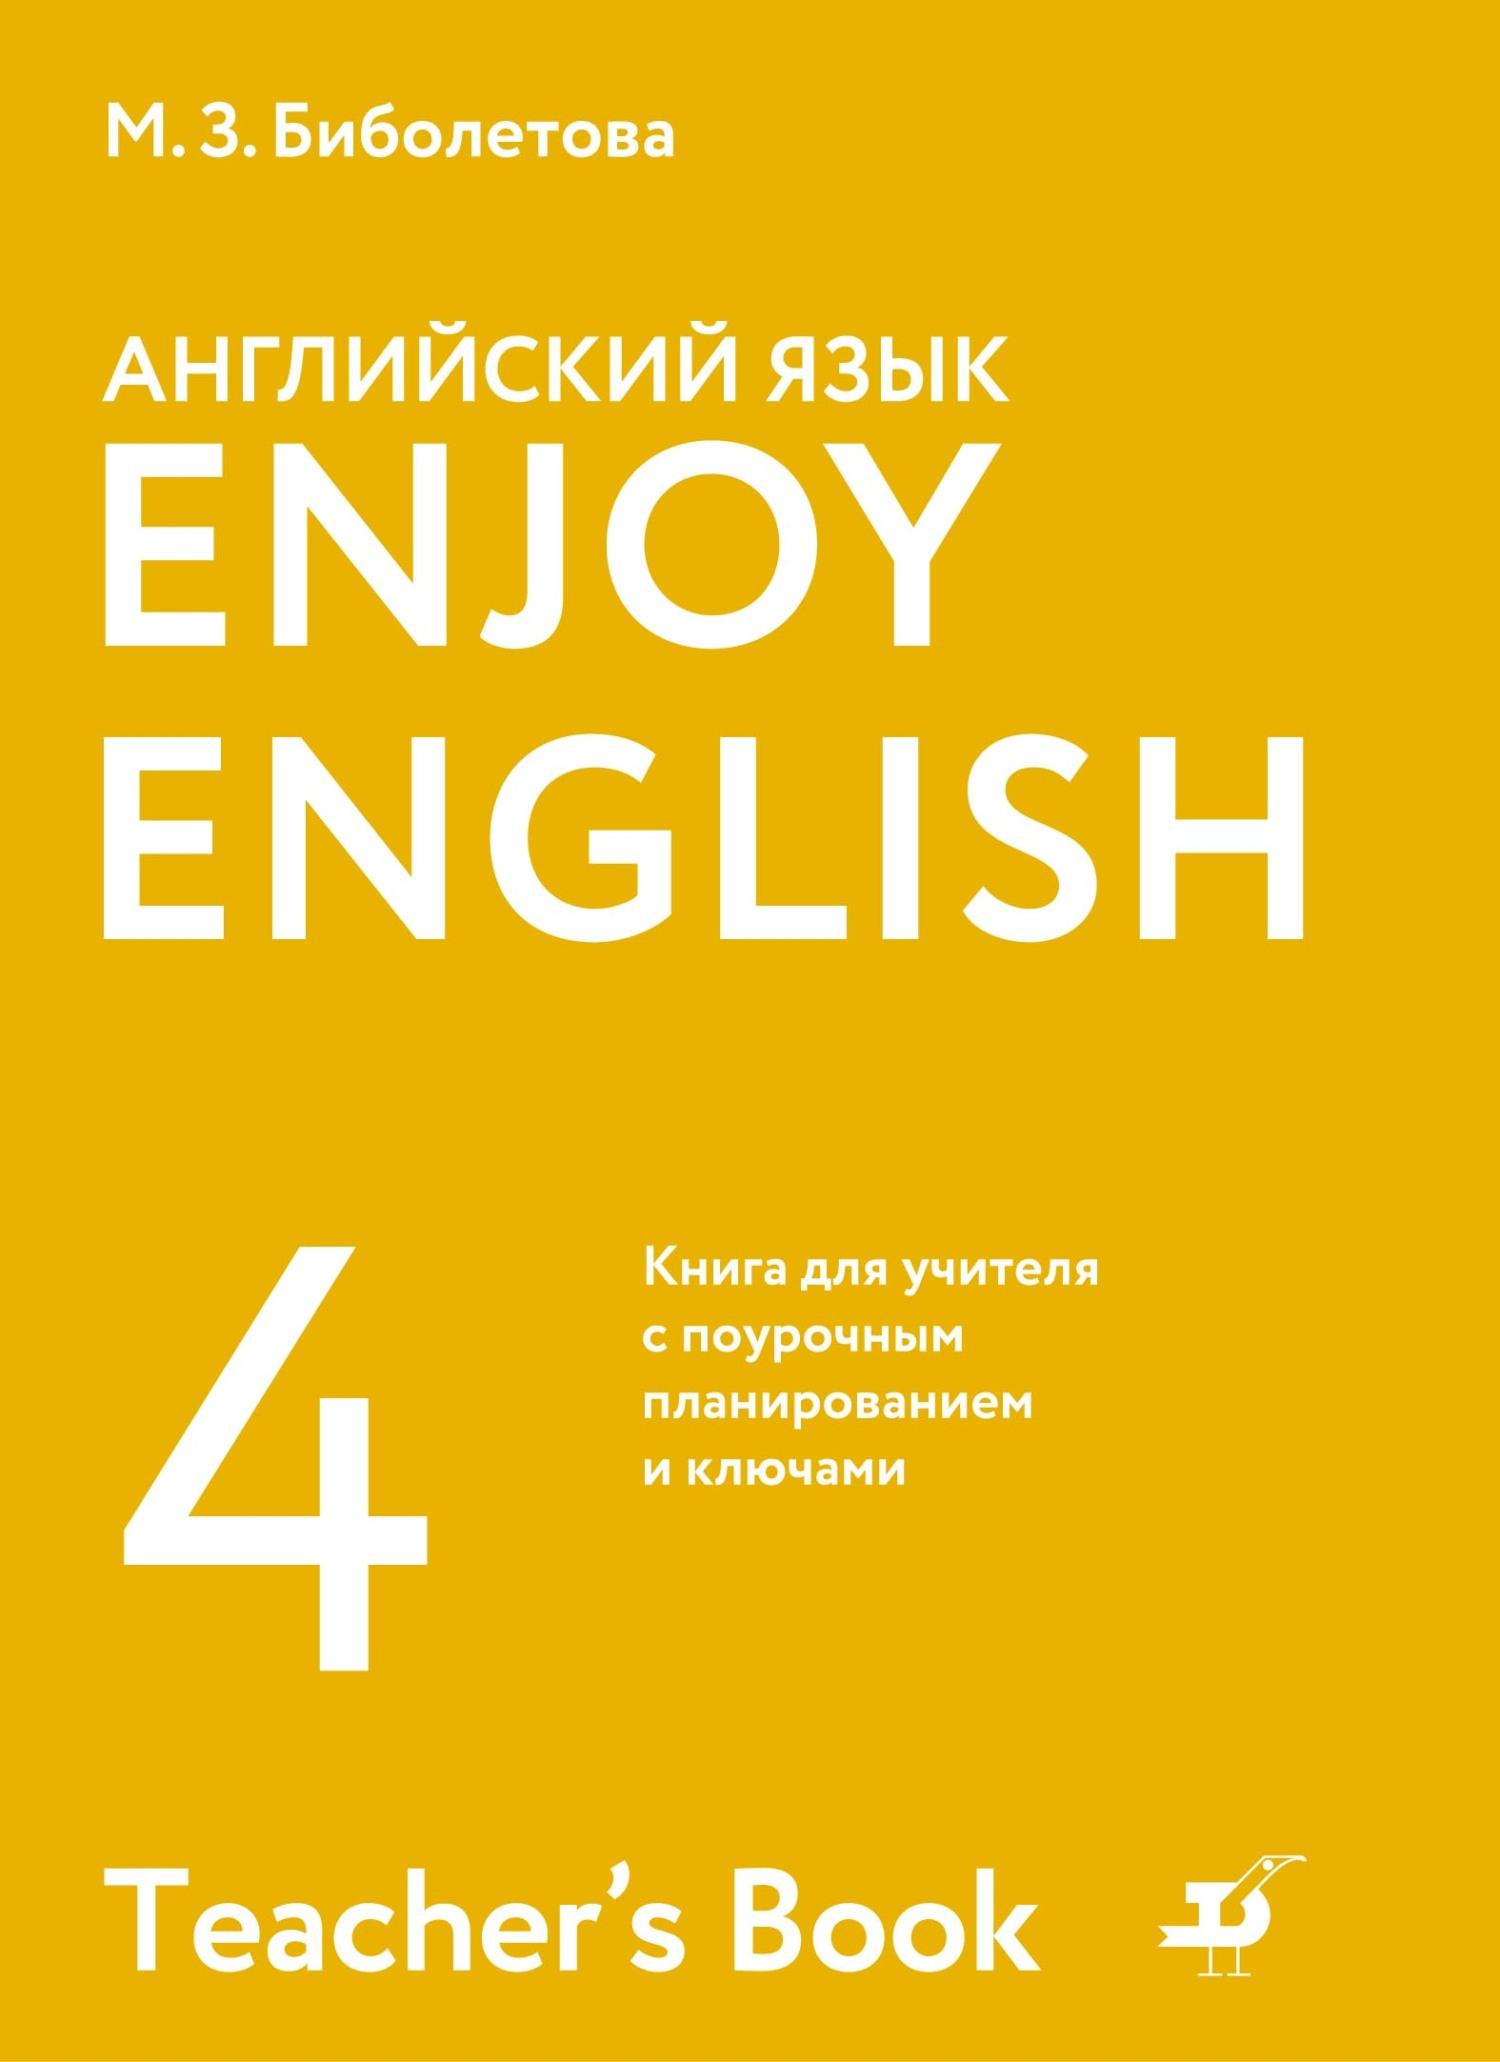 М. З. Биболетова Enjoy English / Английский с удовольствием. 4 класс. Книга для учителя английский язык книга для учителя 4 класс пособие для общеобразовательных организаций